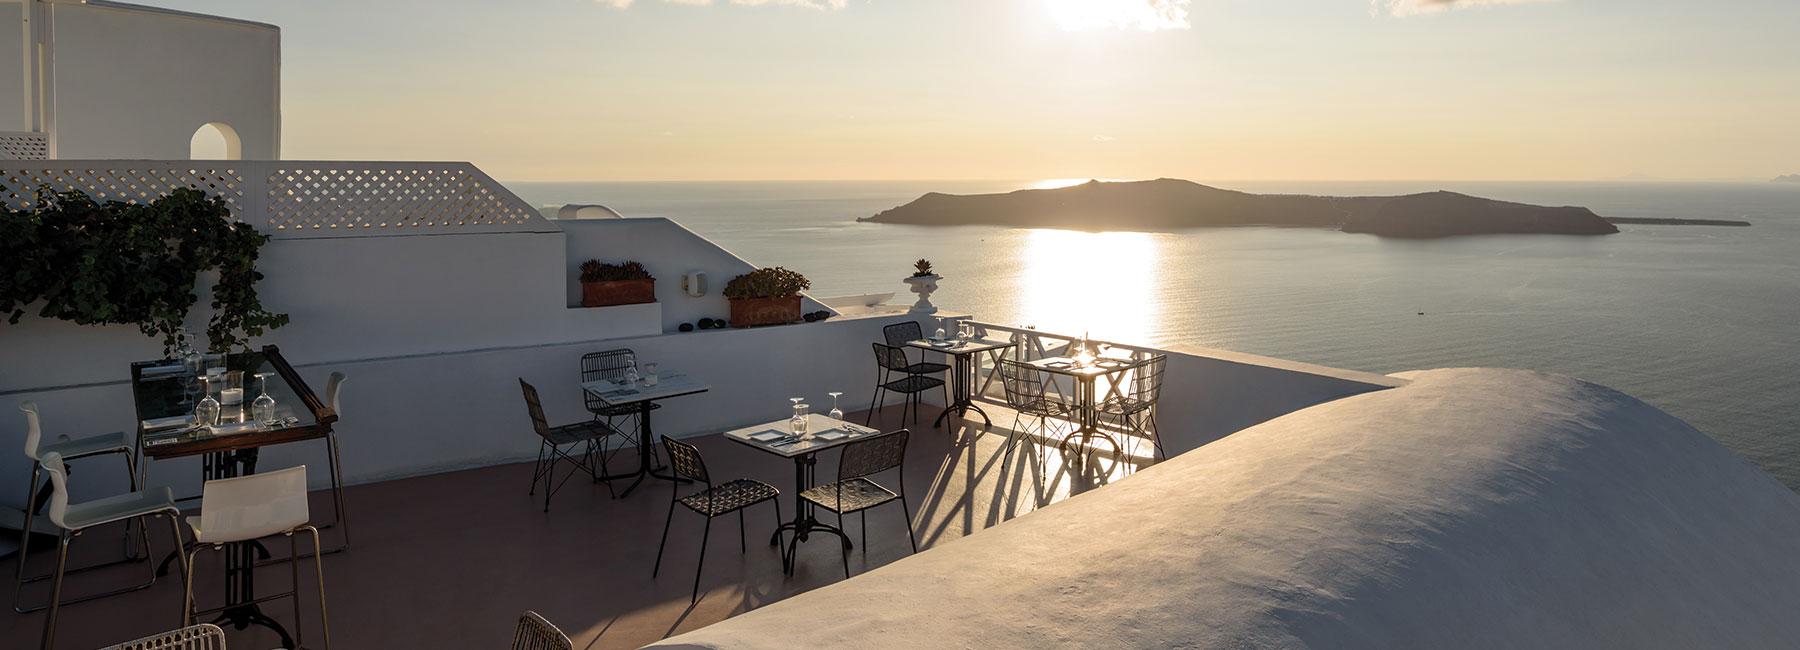 The Wine Bar main terrace